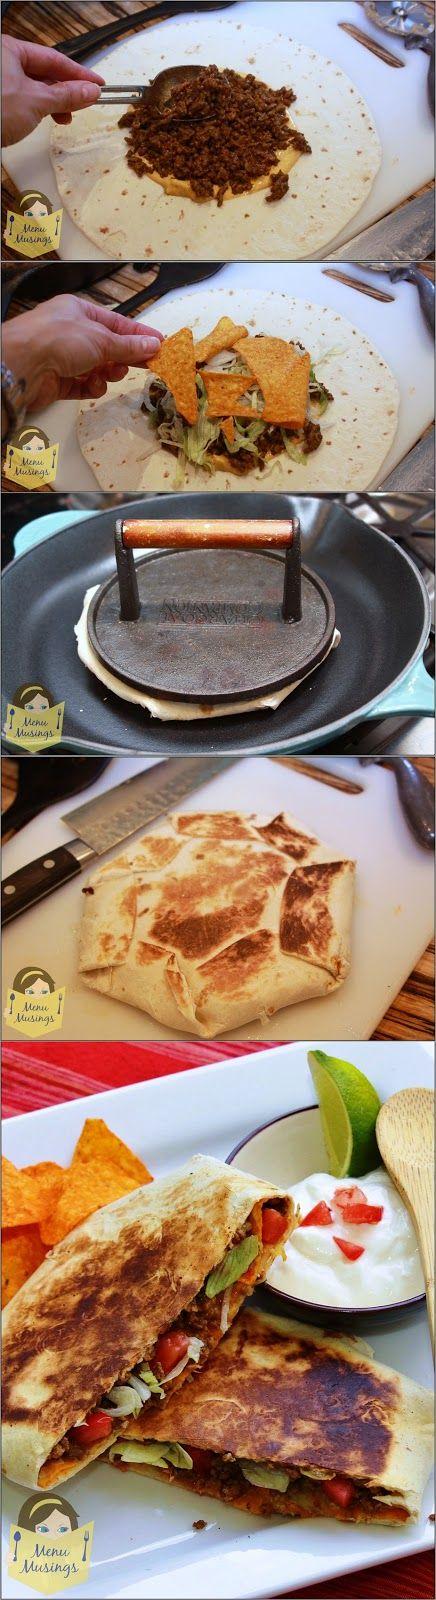 Really fast easy recipes